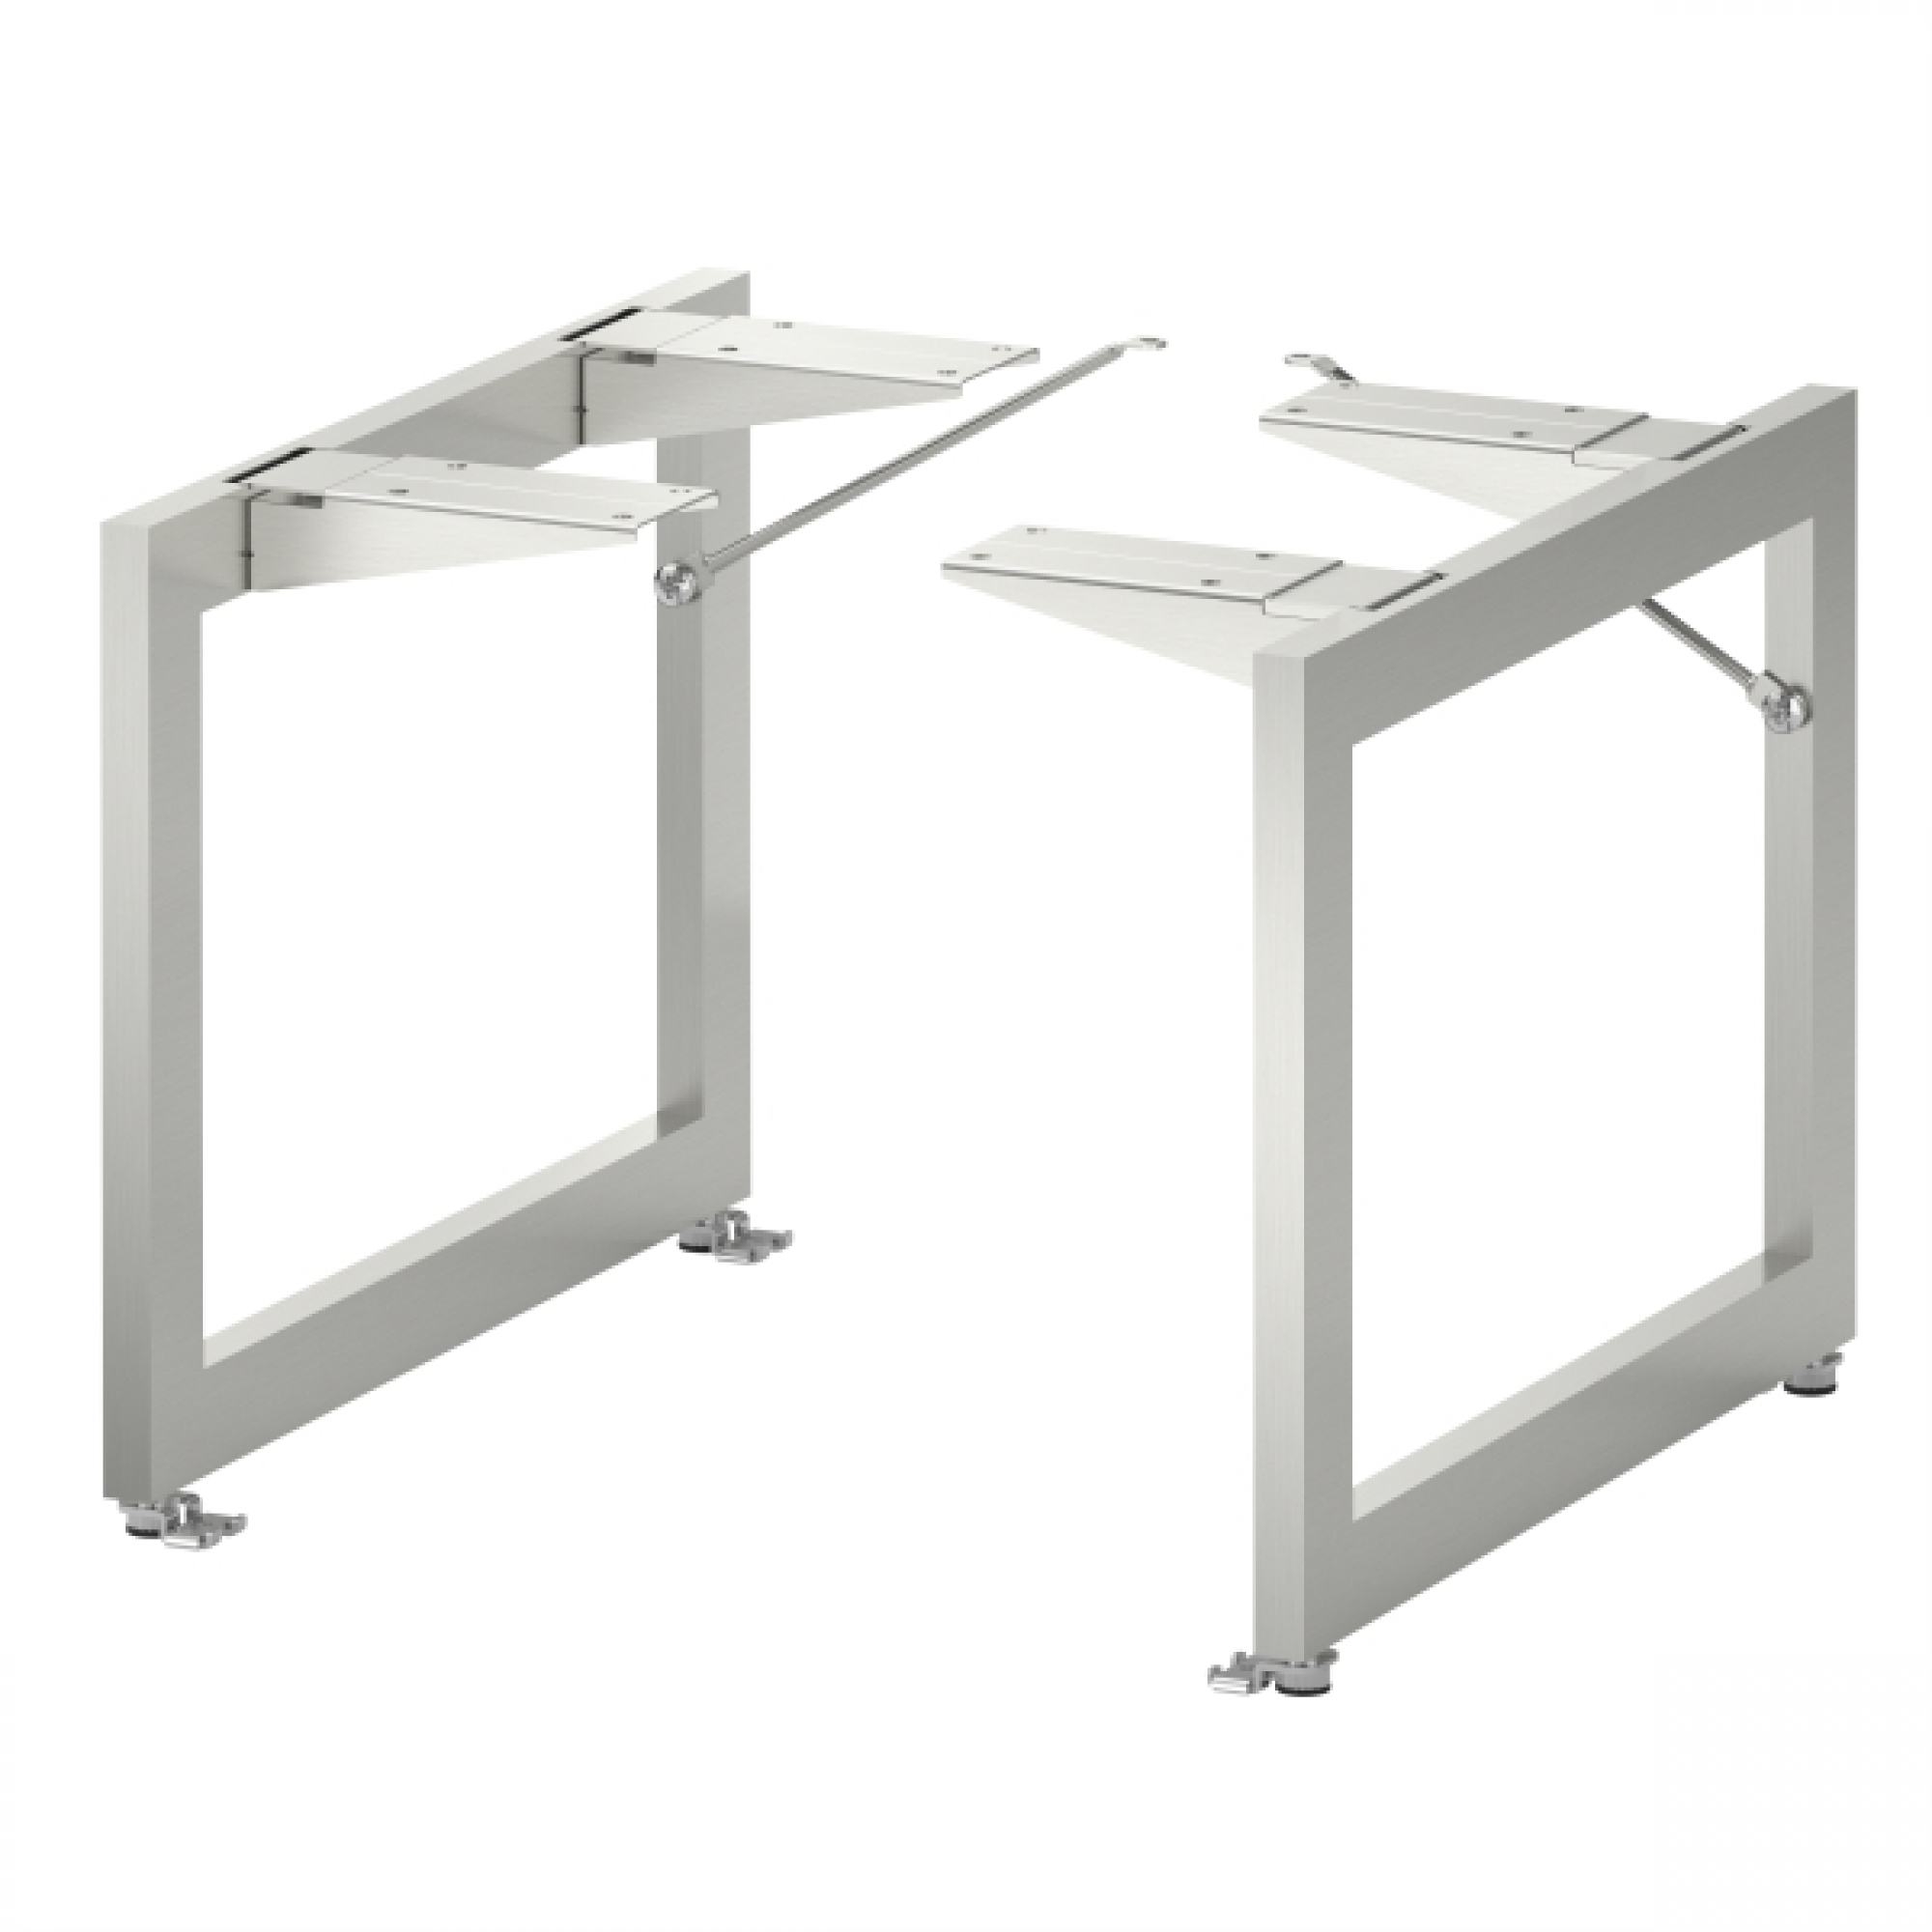 Patas Para Muebles De Cocina Ikea.Limhamn Patas De Acero